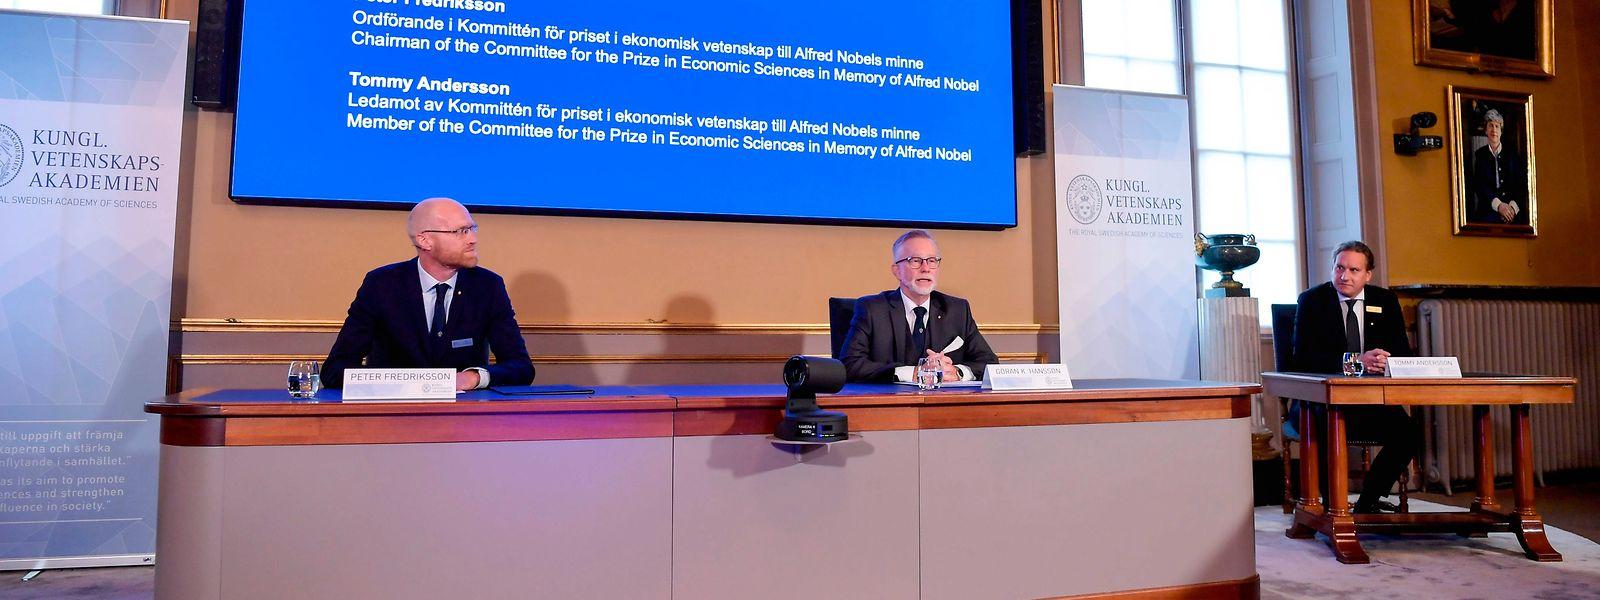 Während der Bekanntgabe in Stockholm.